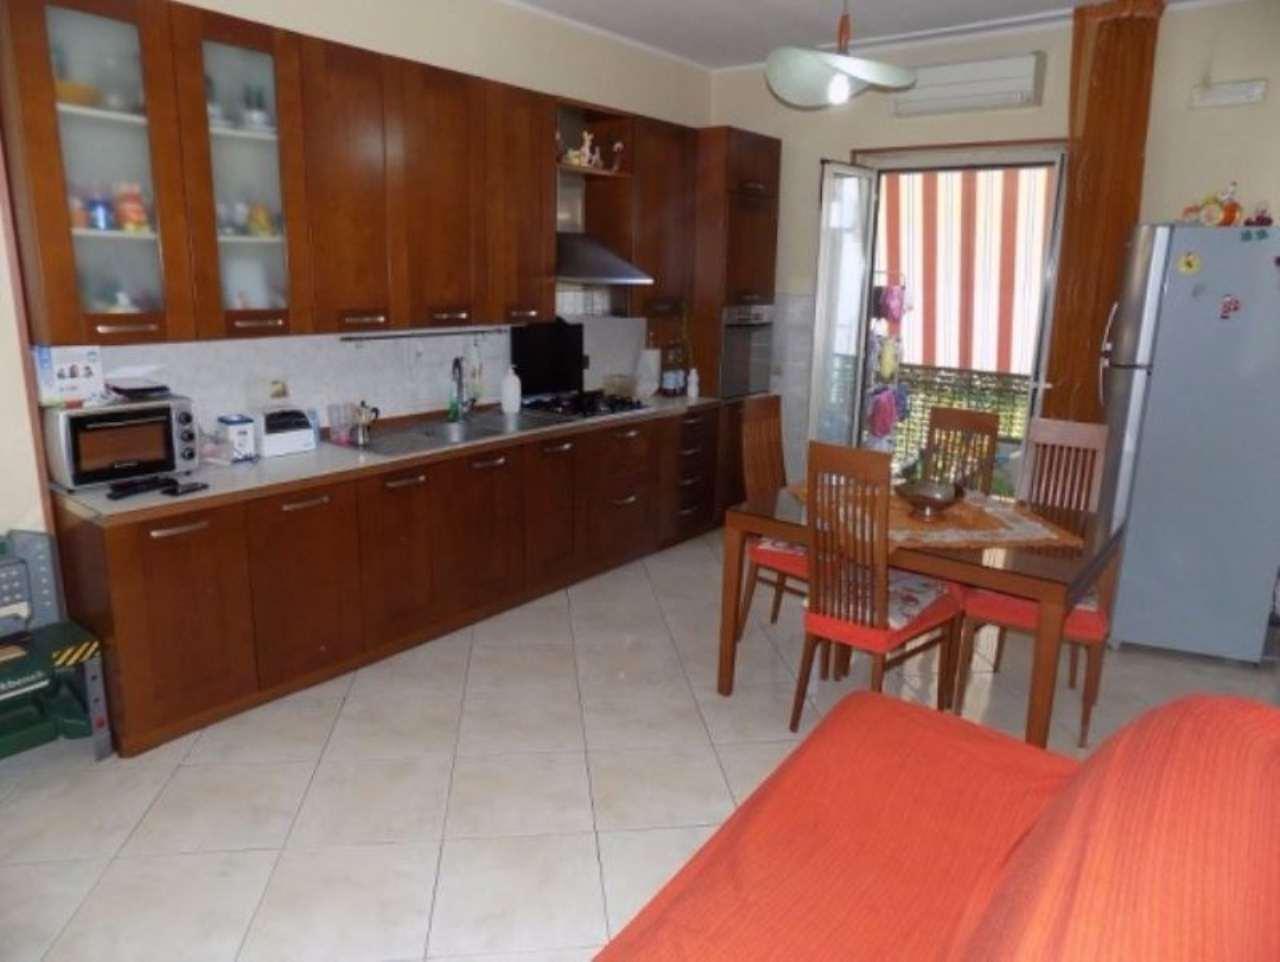 Appartamento in vendita a Casalnuovo di Napoli, 3 locali, prezzo € 89.000 | Cambio Casa.it